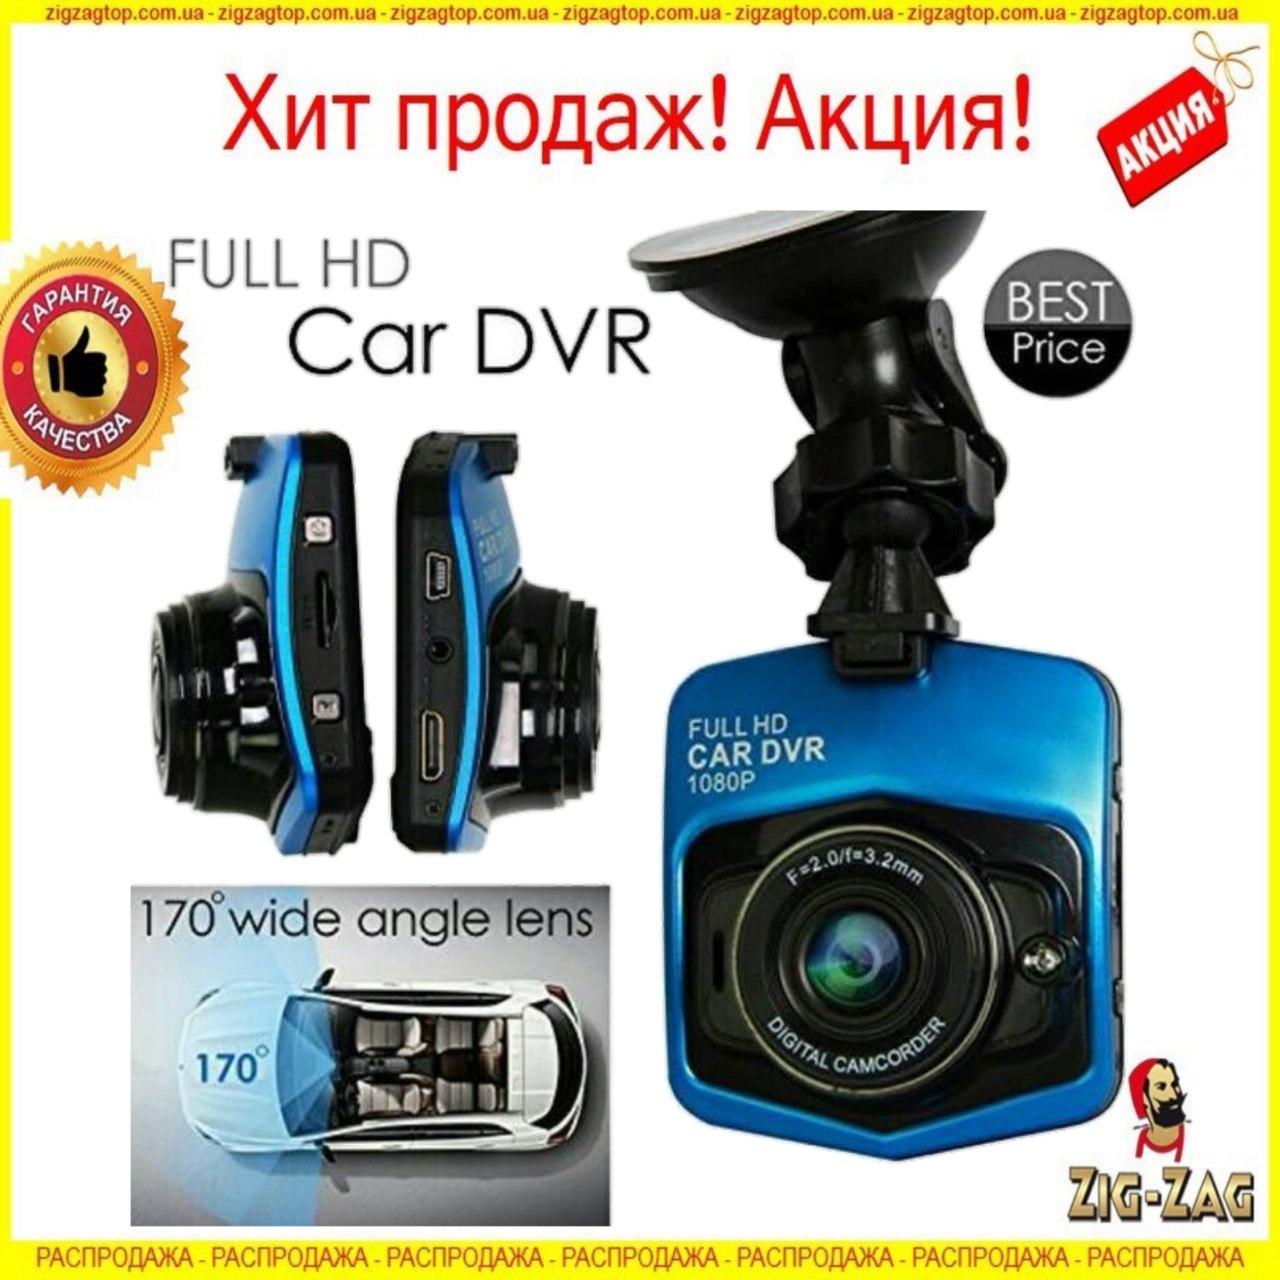 Видеорегистратор автомобильный FULL HD CAR DVR 1080P Mini Авторегистратор camcorder Регистратор Камкордер